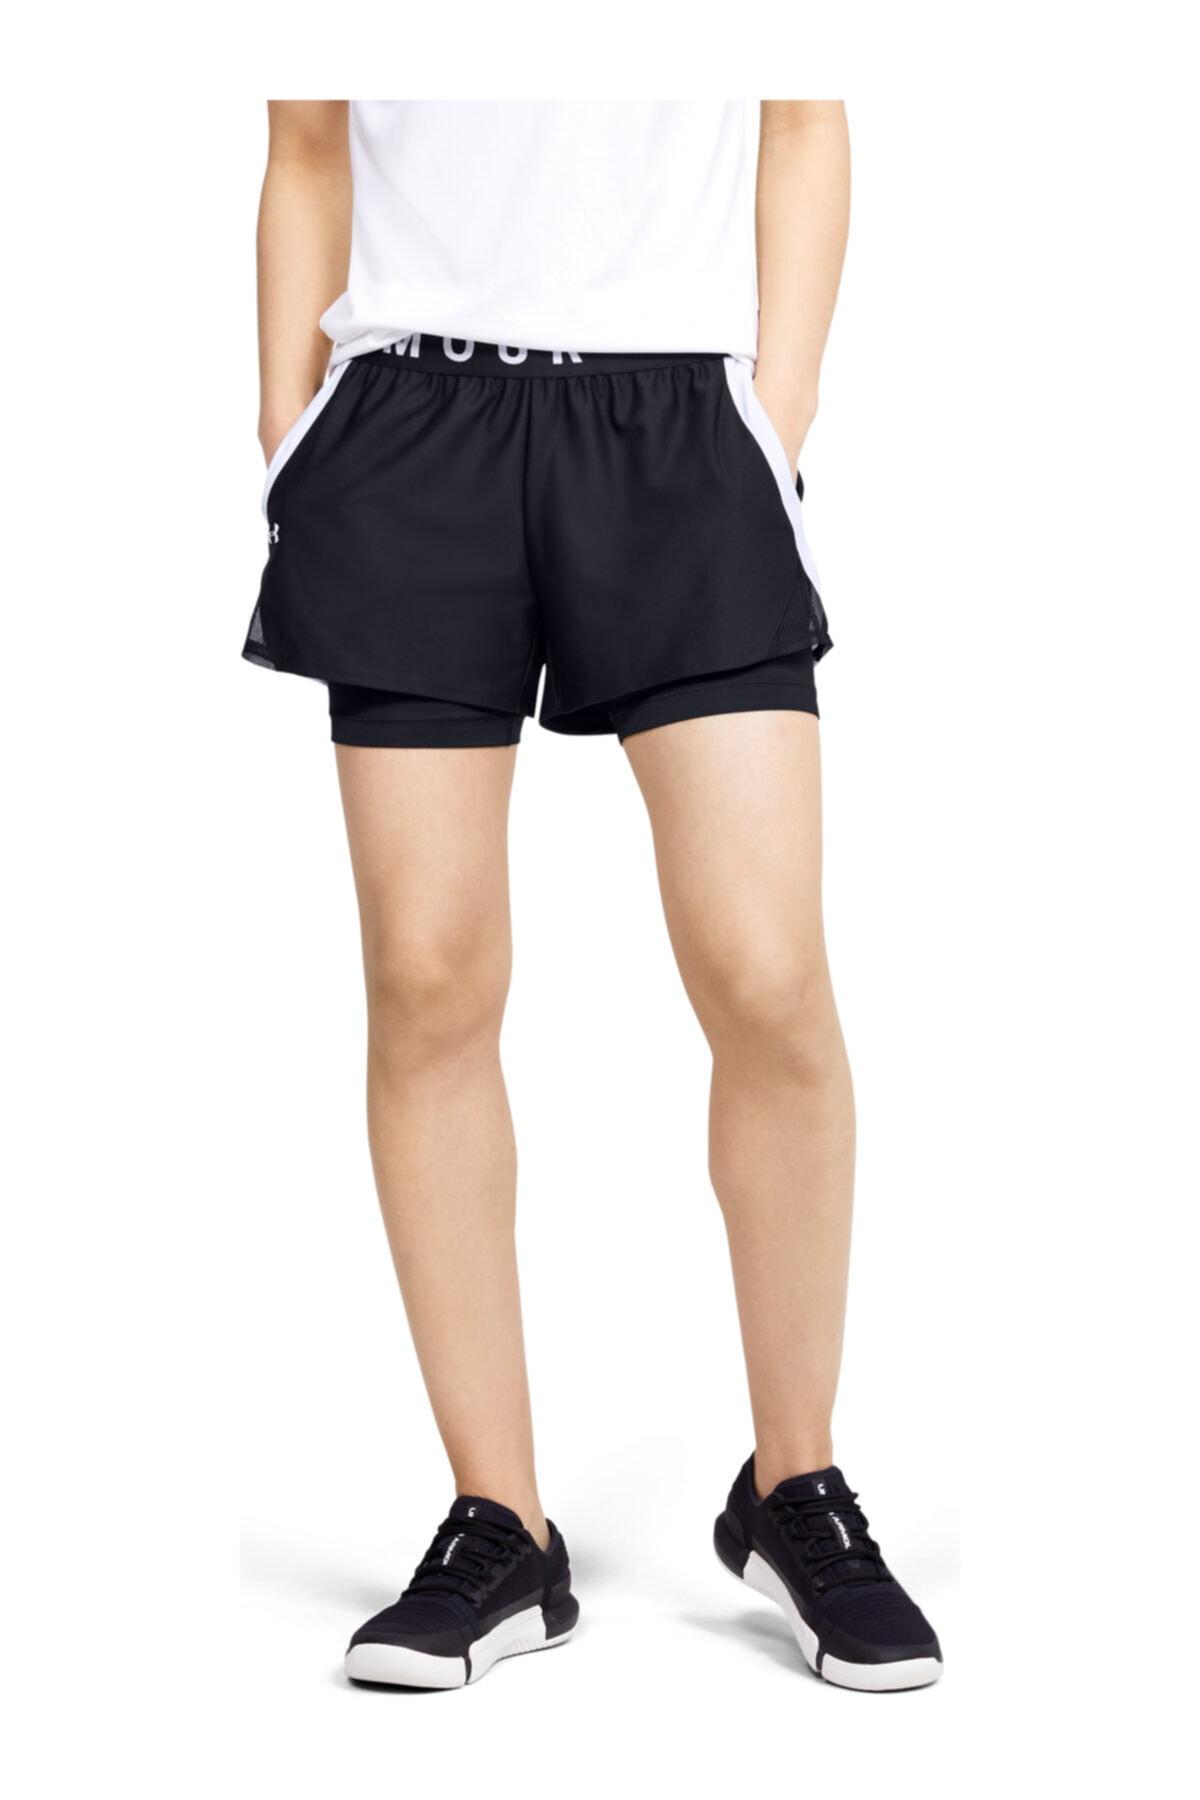 فروش شلوارک ورزشی مردانه جدید برند Under Armour رنگ مشکی کد ty37286980